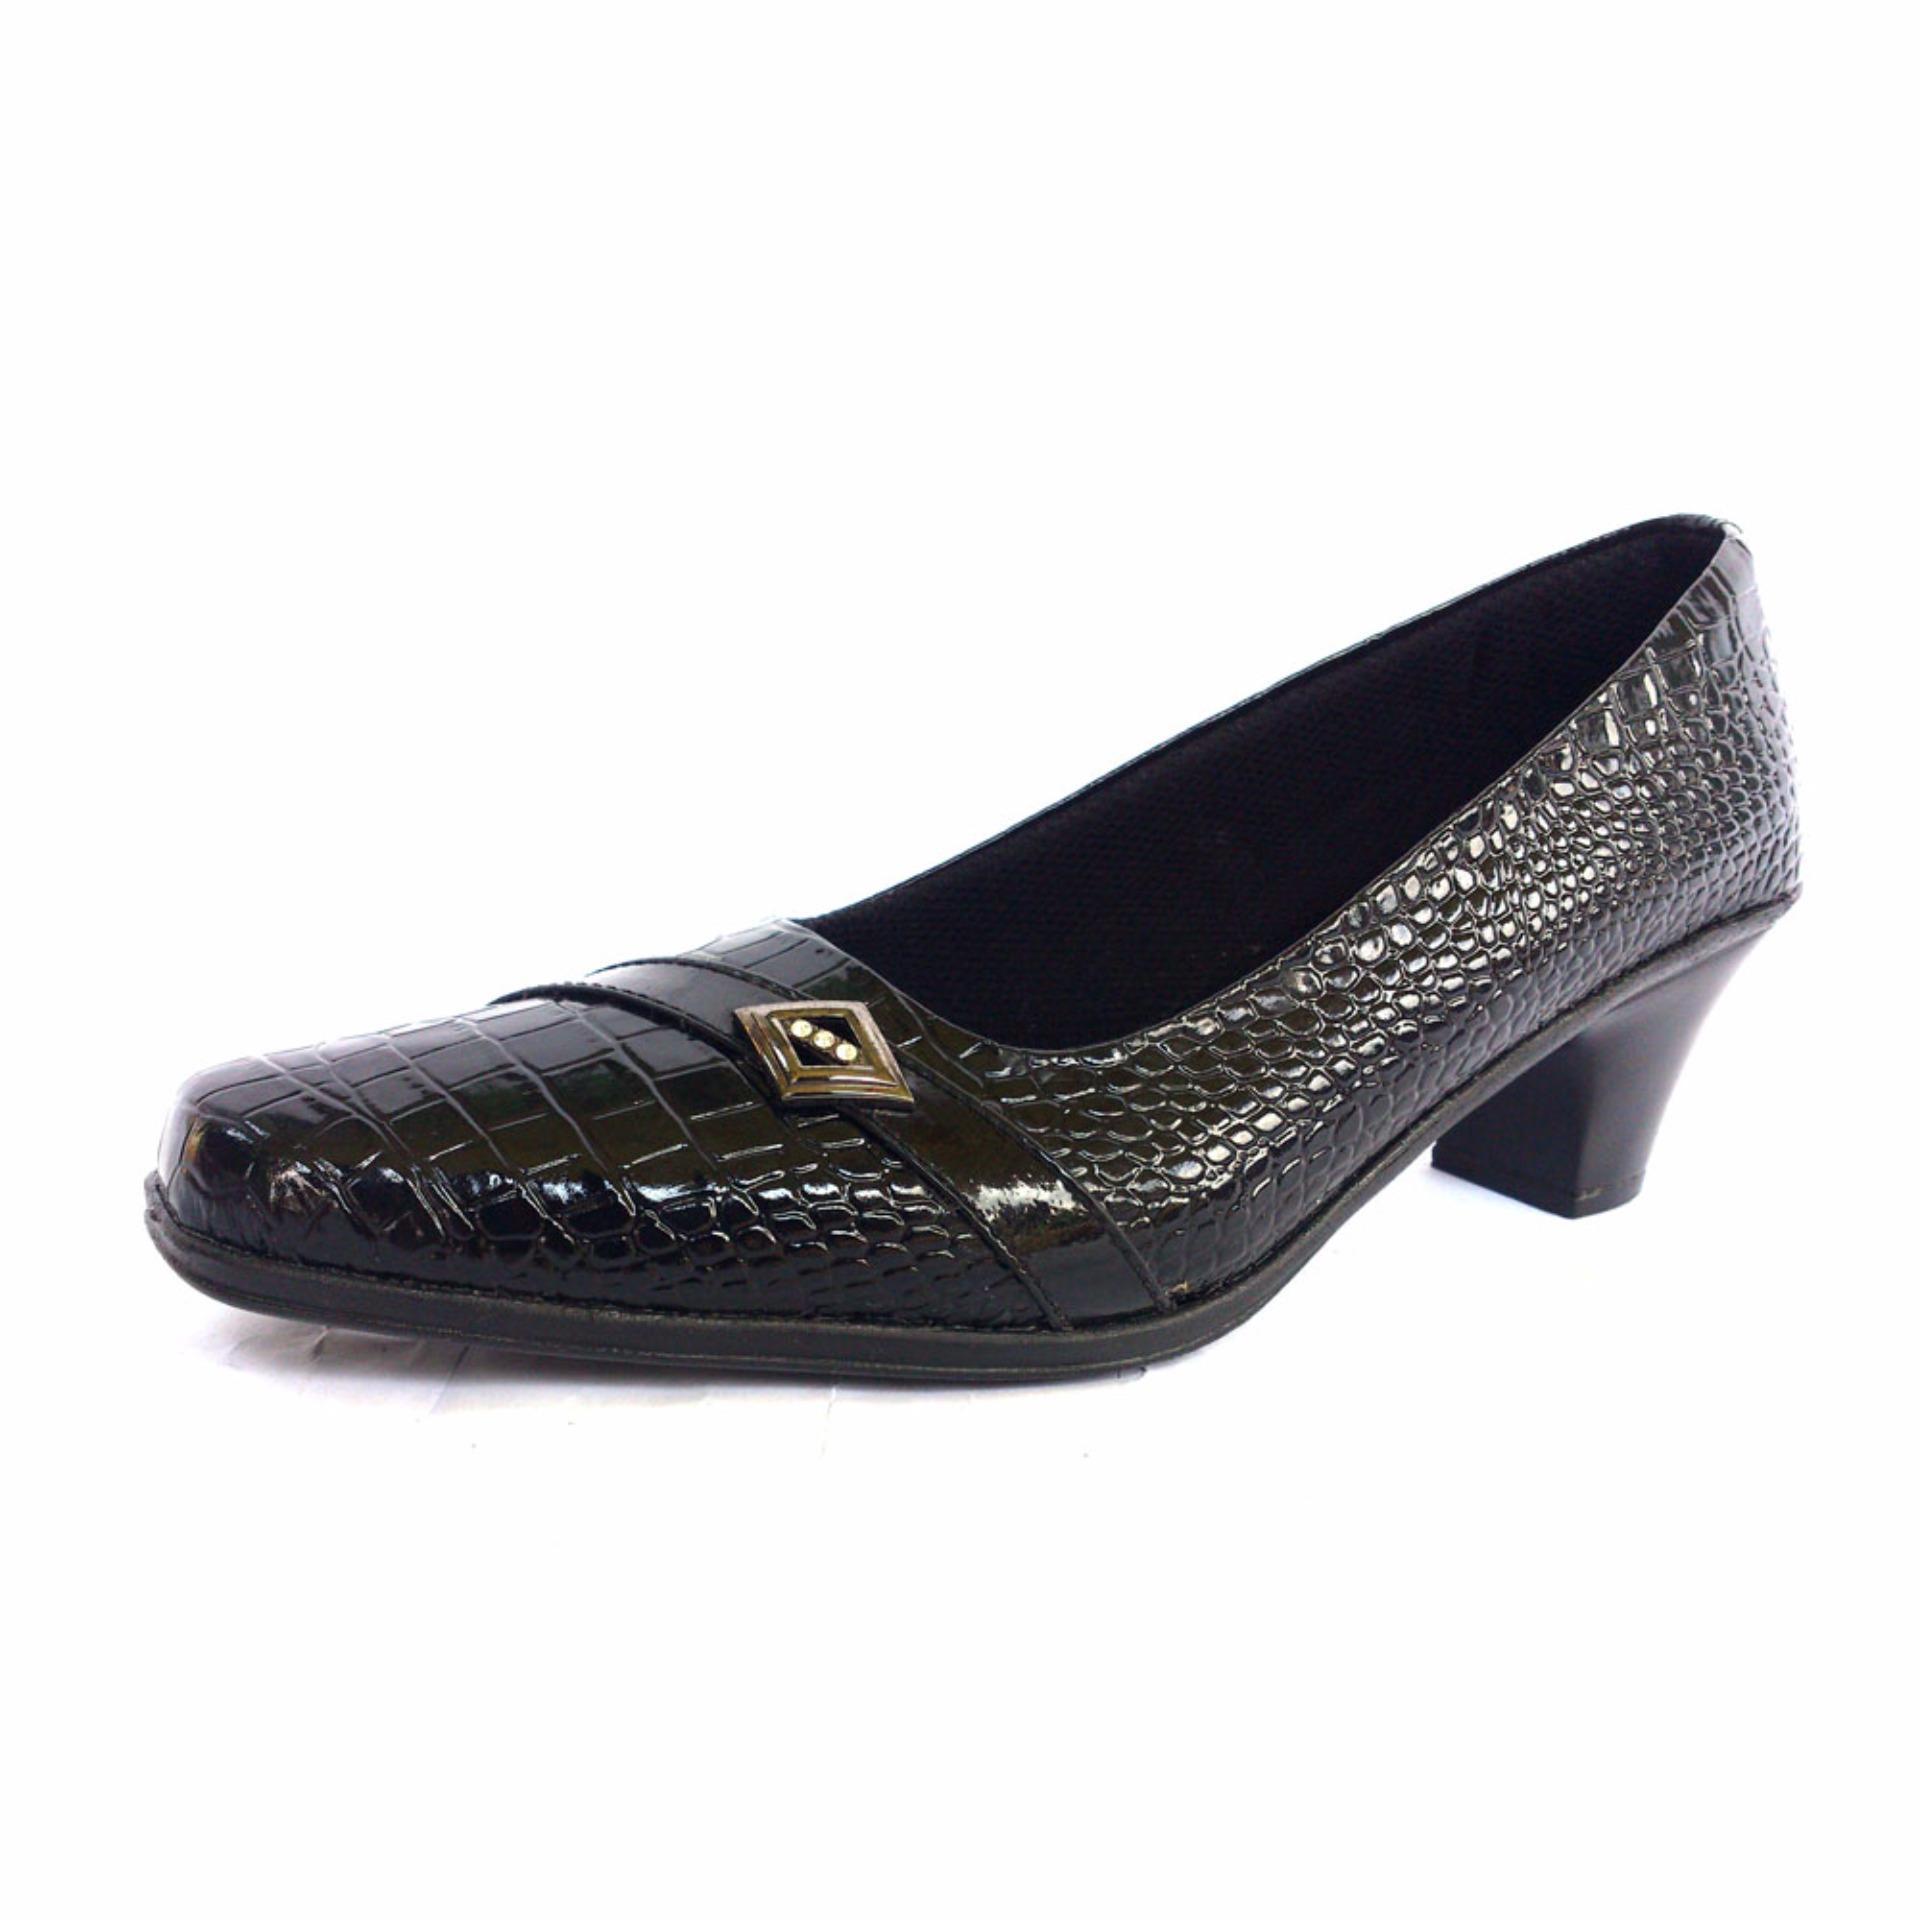 Models Sepatu Pantofel Sepatu Kerja Sepatu Kantor Motif Kulit Buaya